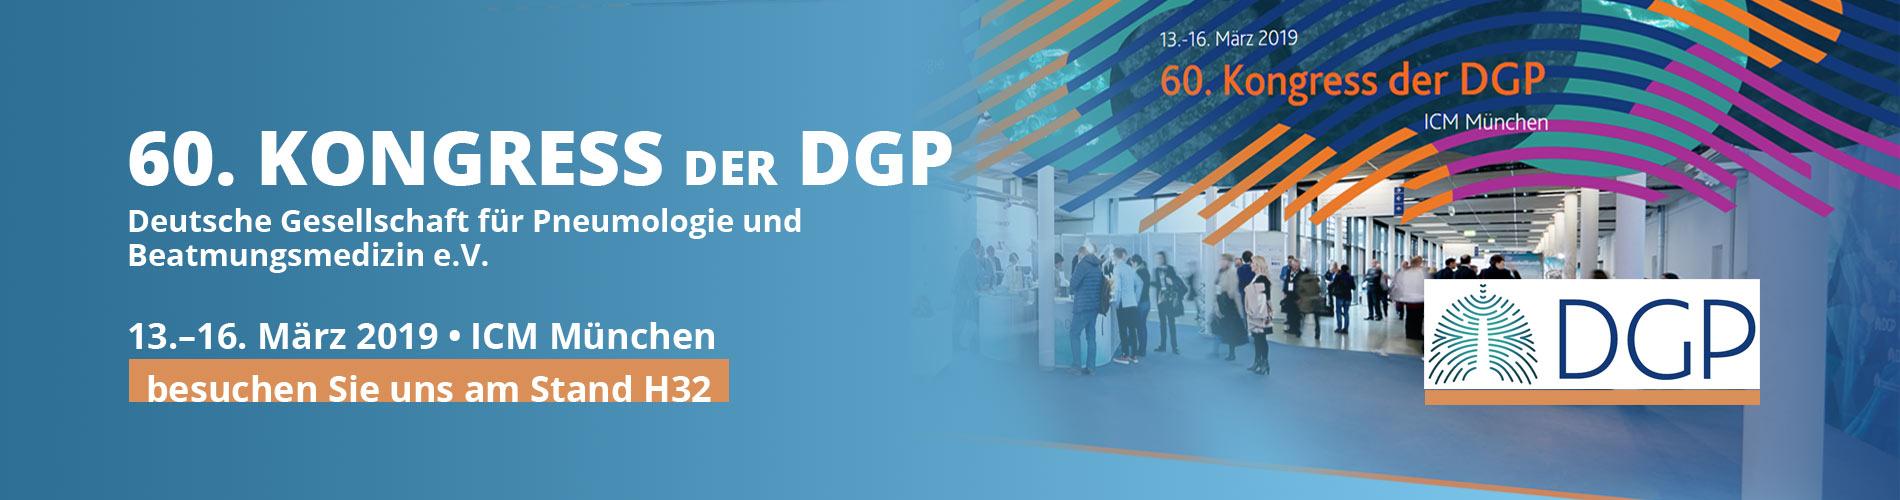 Besuchen Sie uns am Stand H32. 60. Kongress der DGP 13-16 März 2019 - ICM München